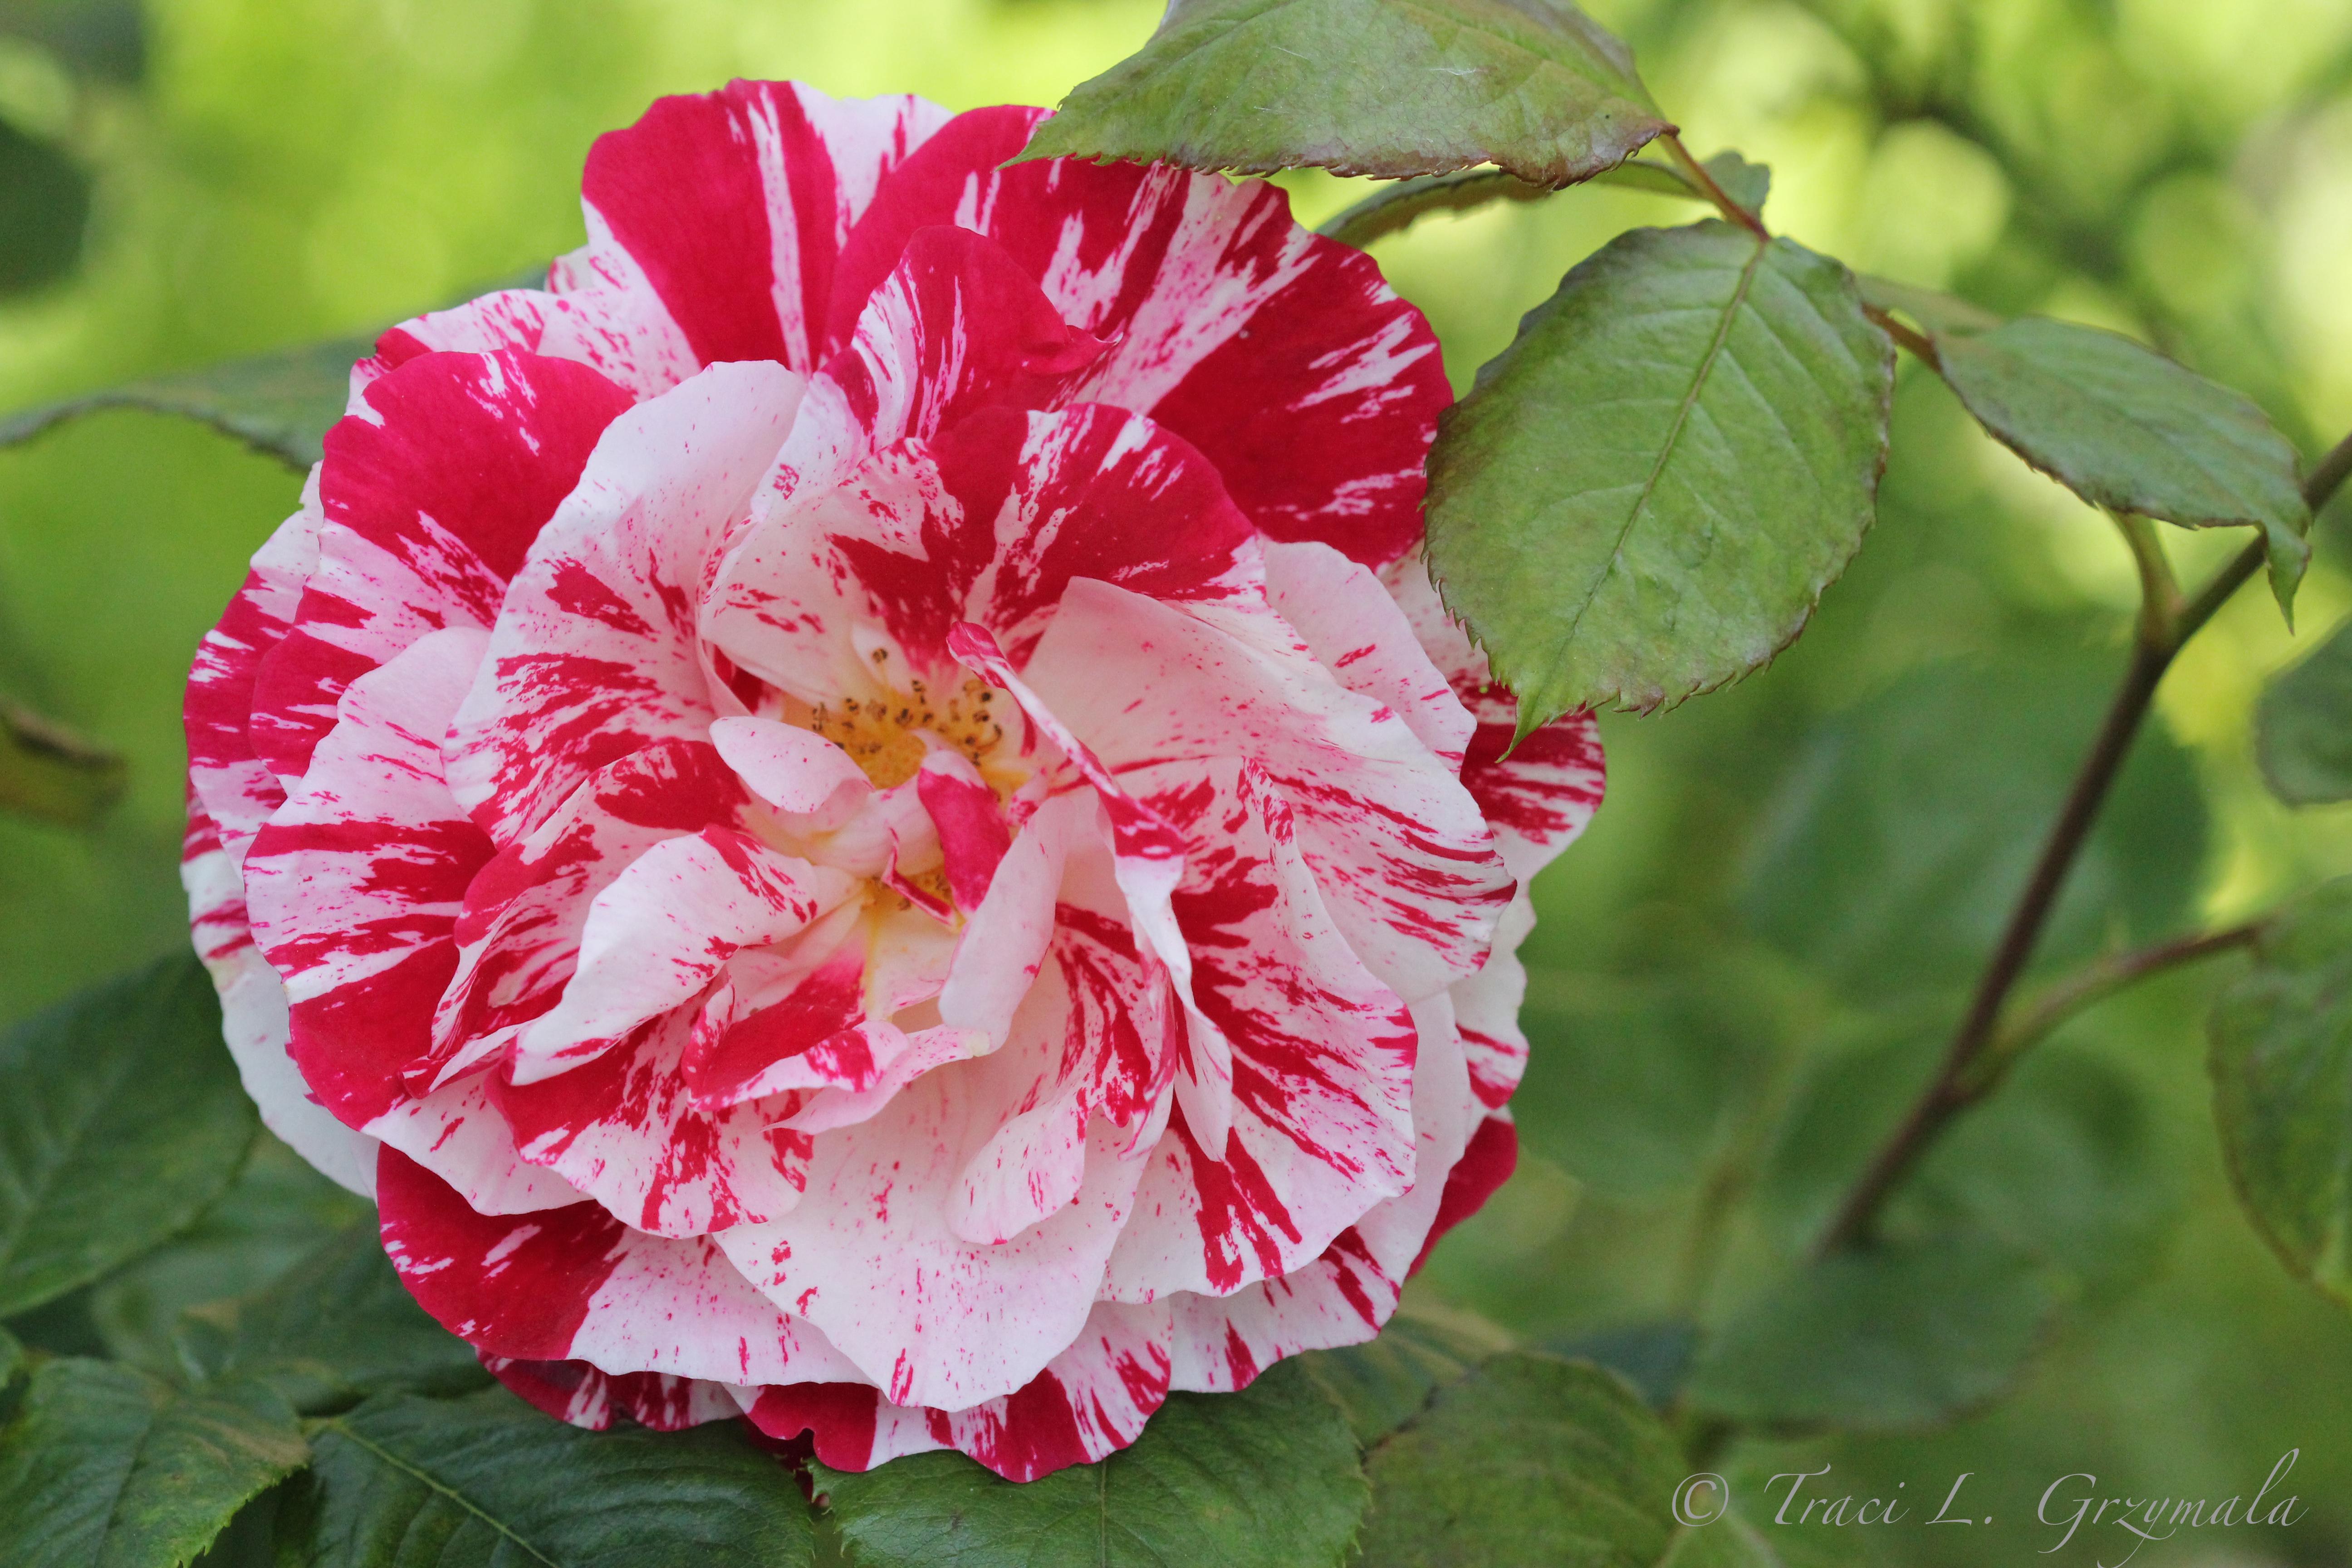 Flowers Traci L Grzymala